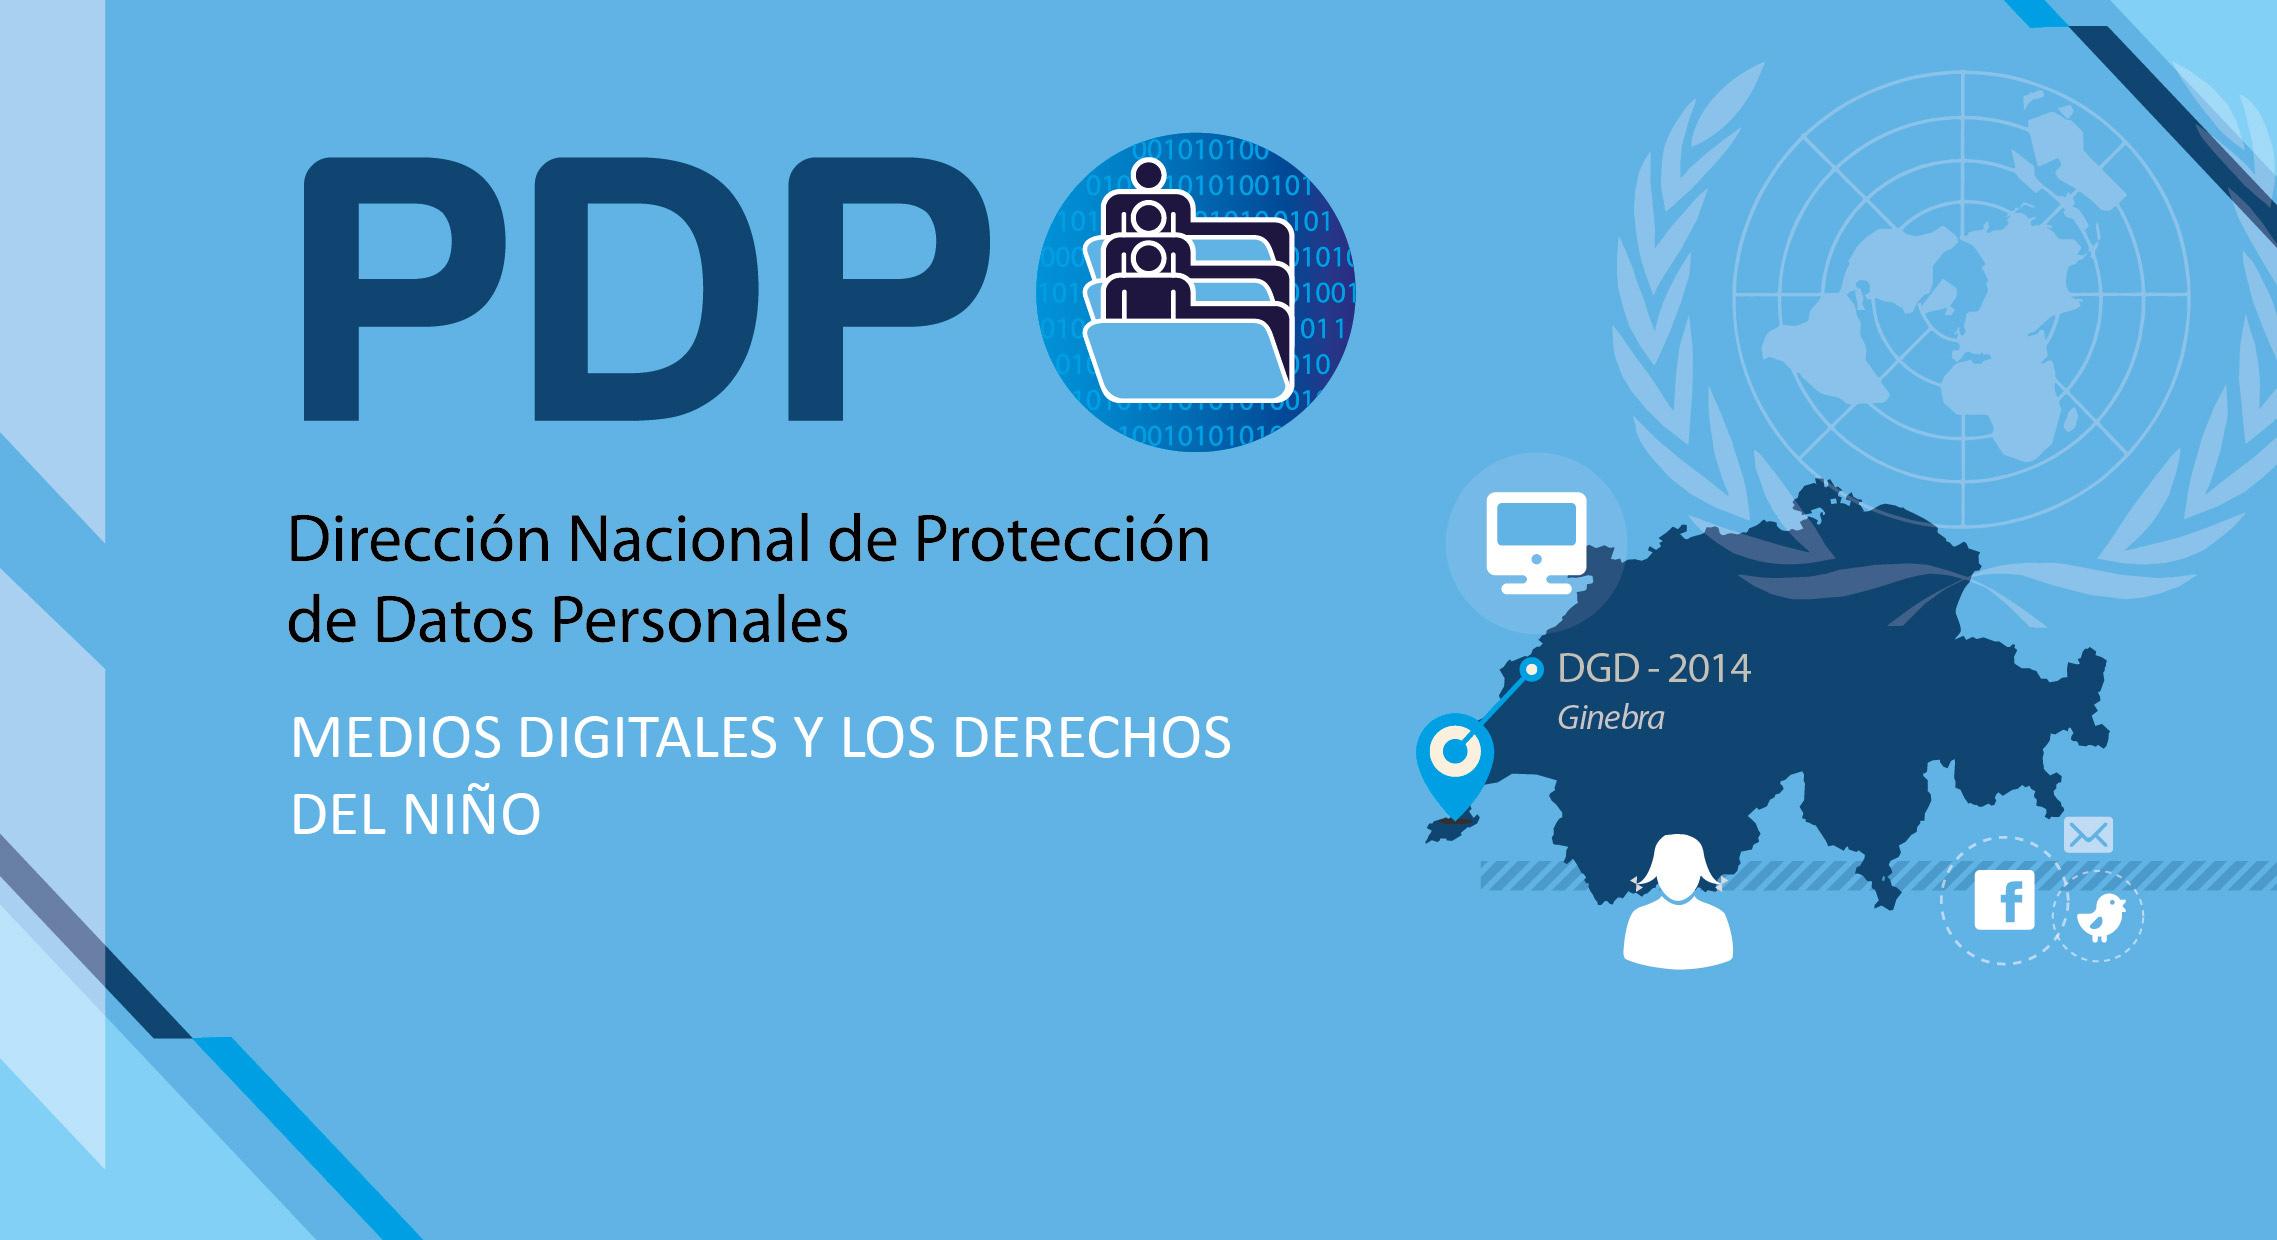 La ONU publicó las recomendaciones sobre derechos de los niños y medios digitales